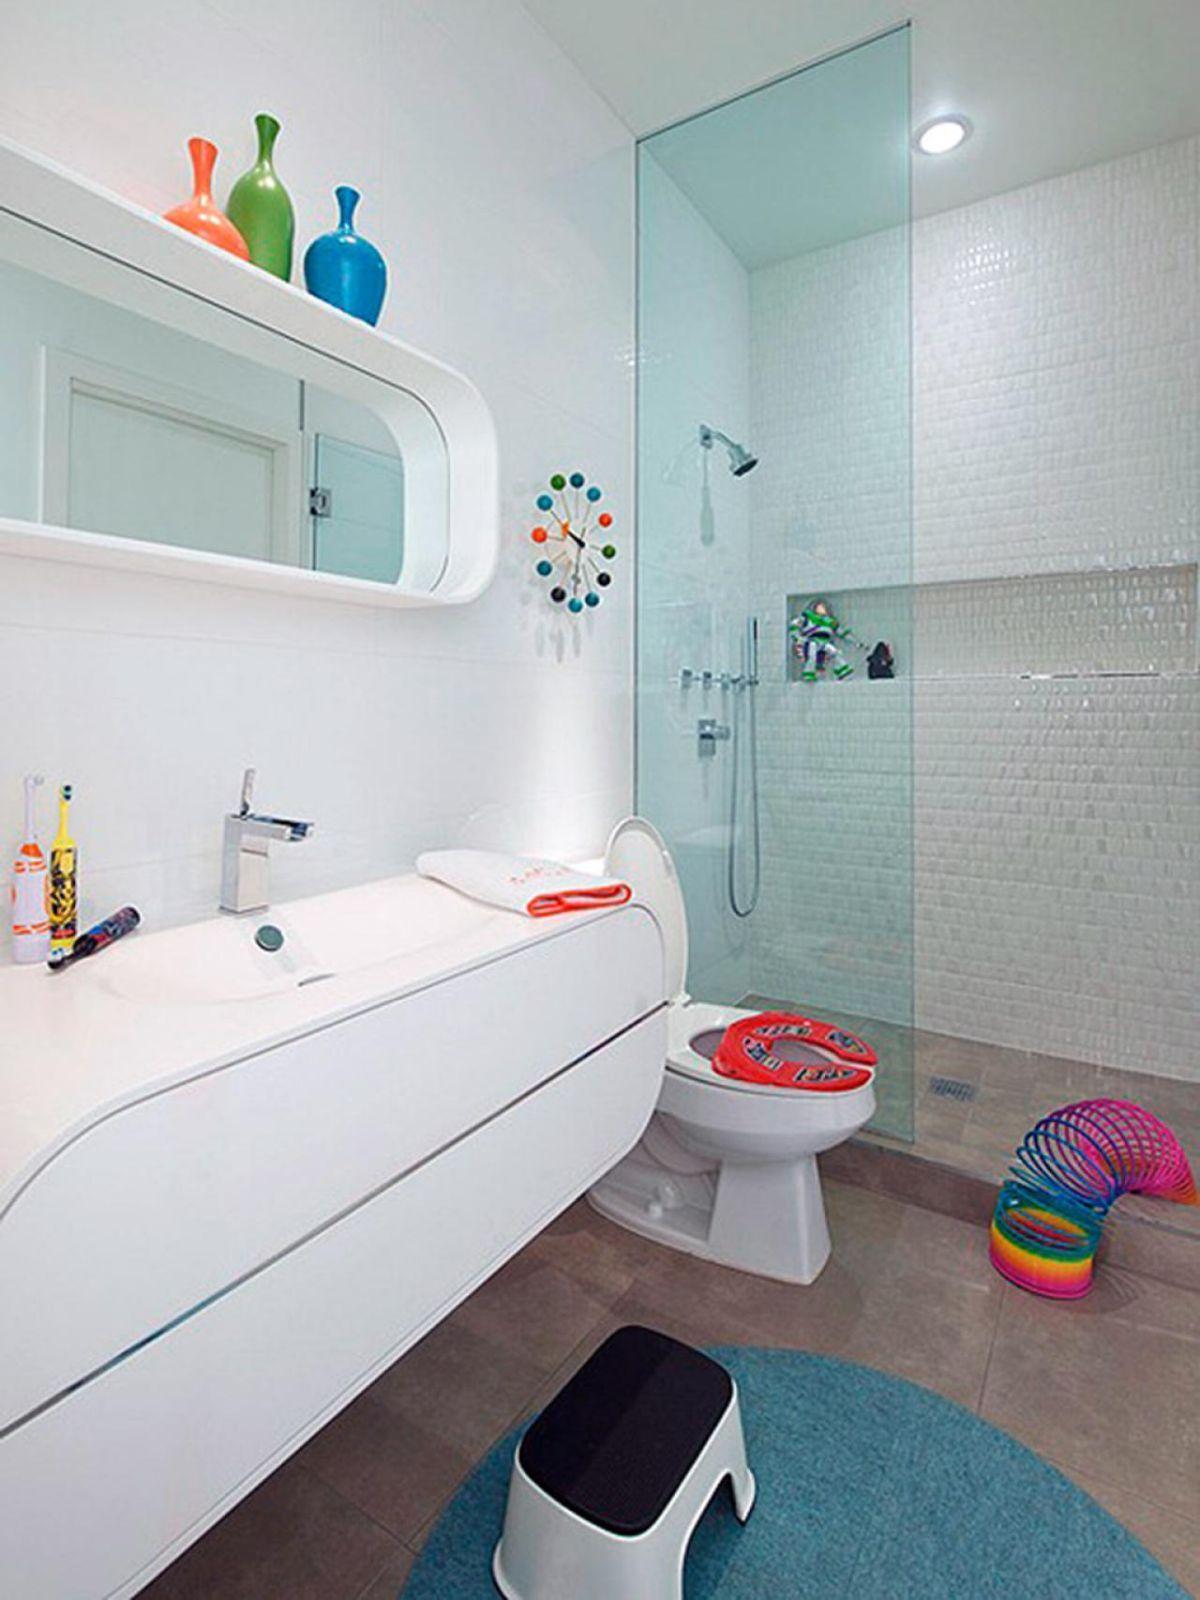 Badezimmer ideen für kinder  tipps für die beste kinder badezimmer dekor badezimmer beste